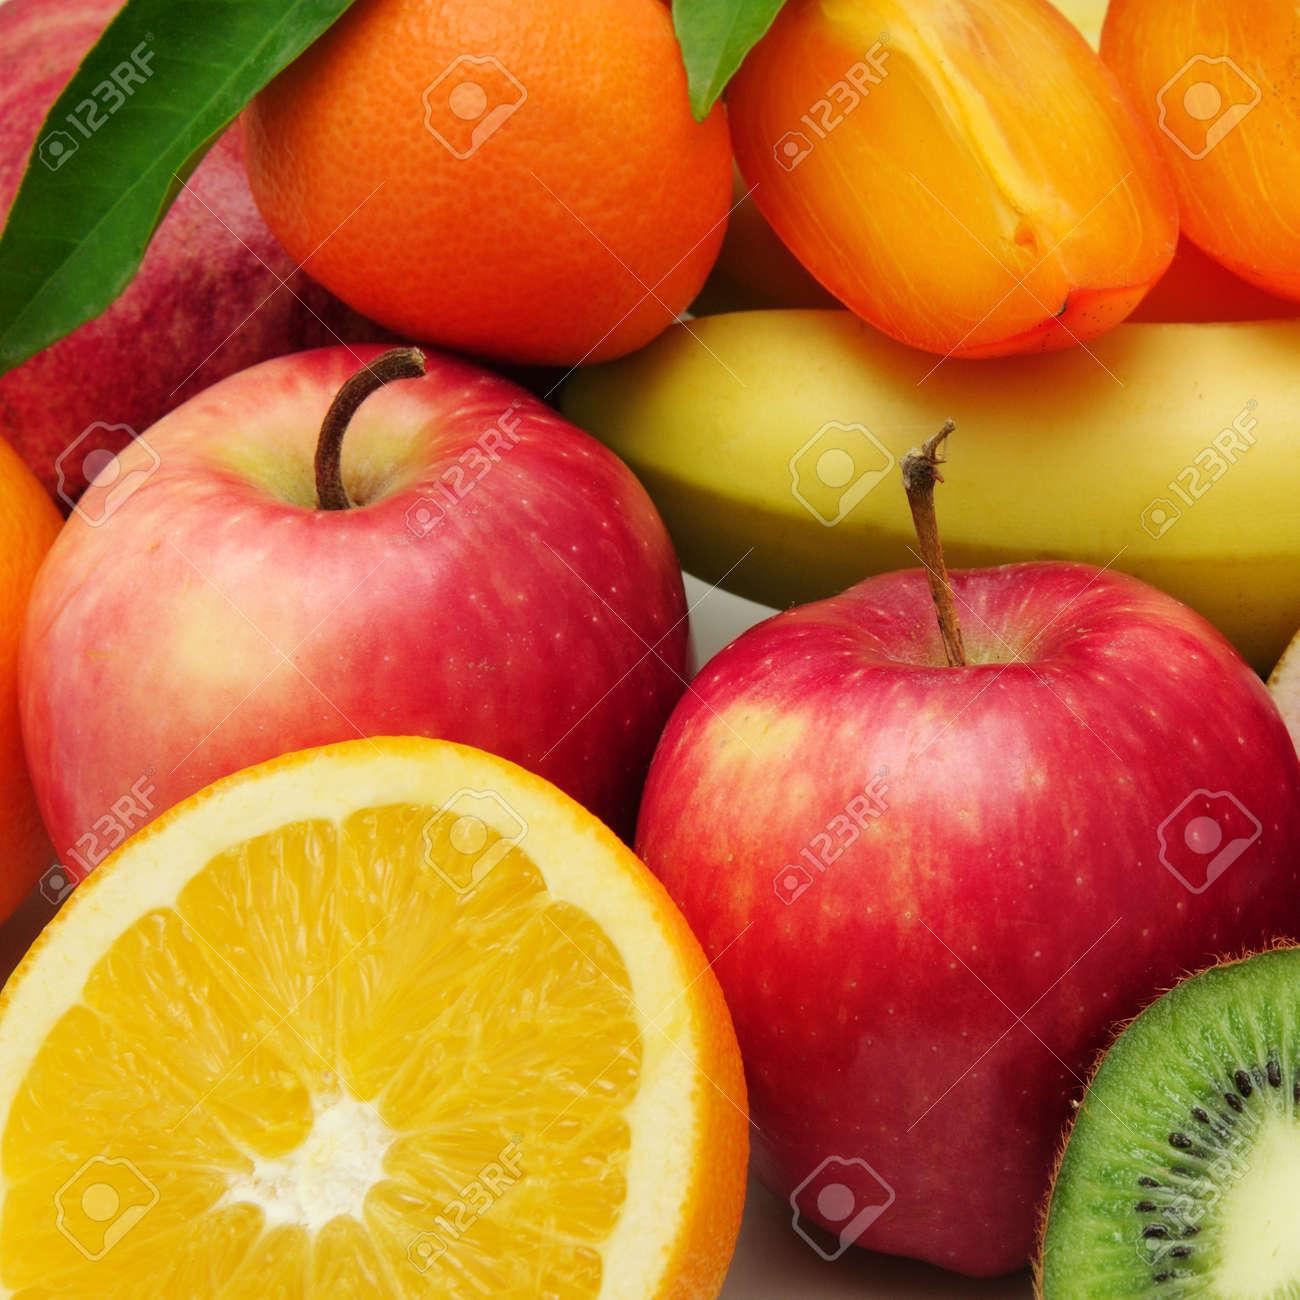 fruit background Stock Photo - 13610541